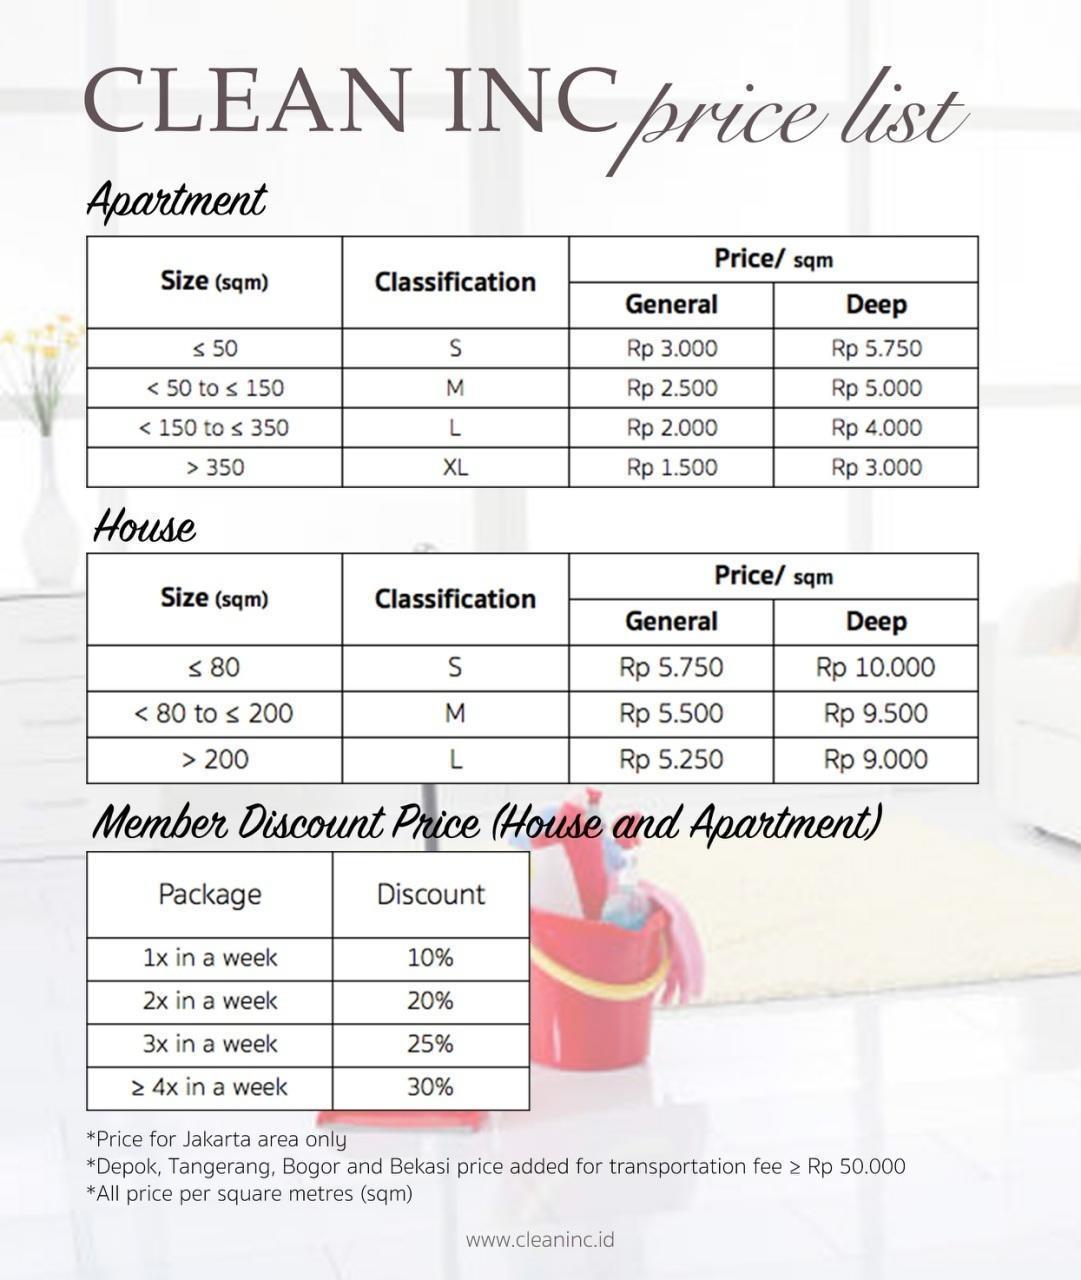 Clean Inc